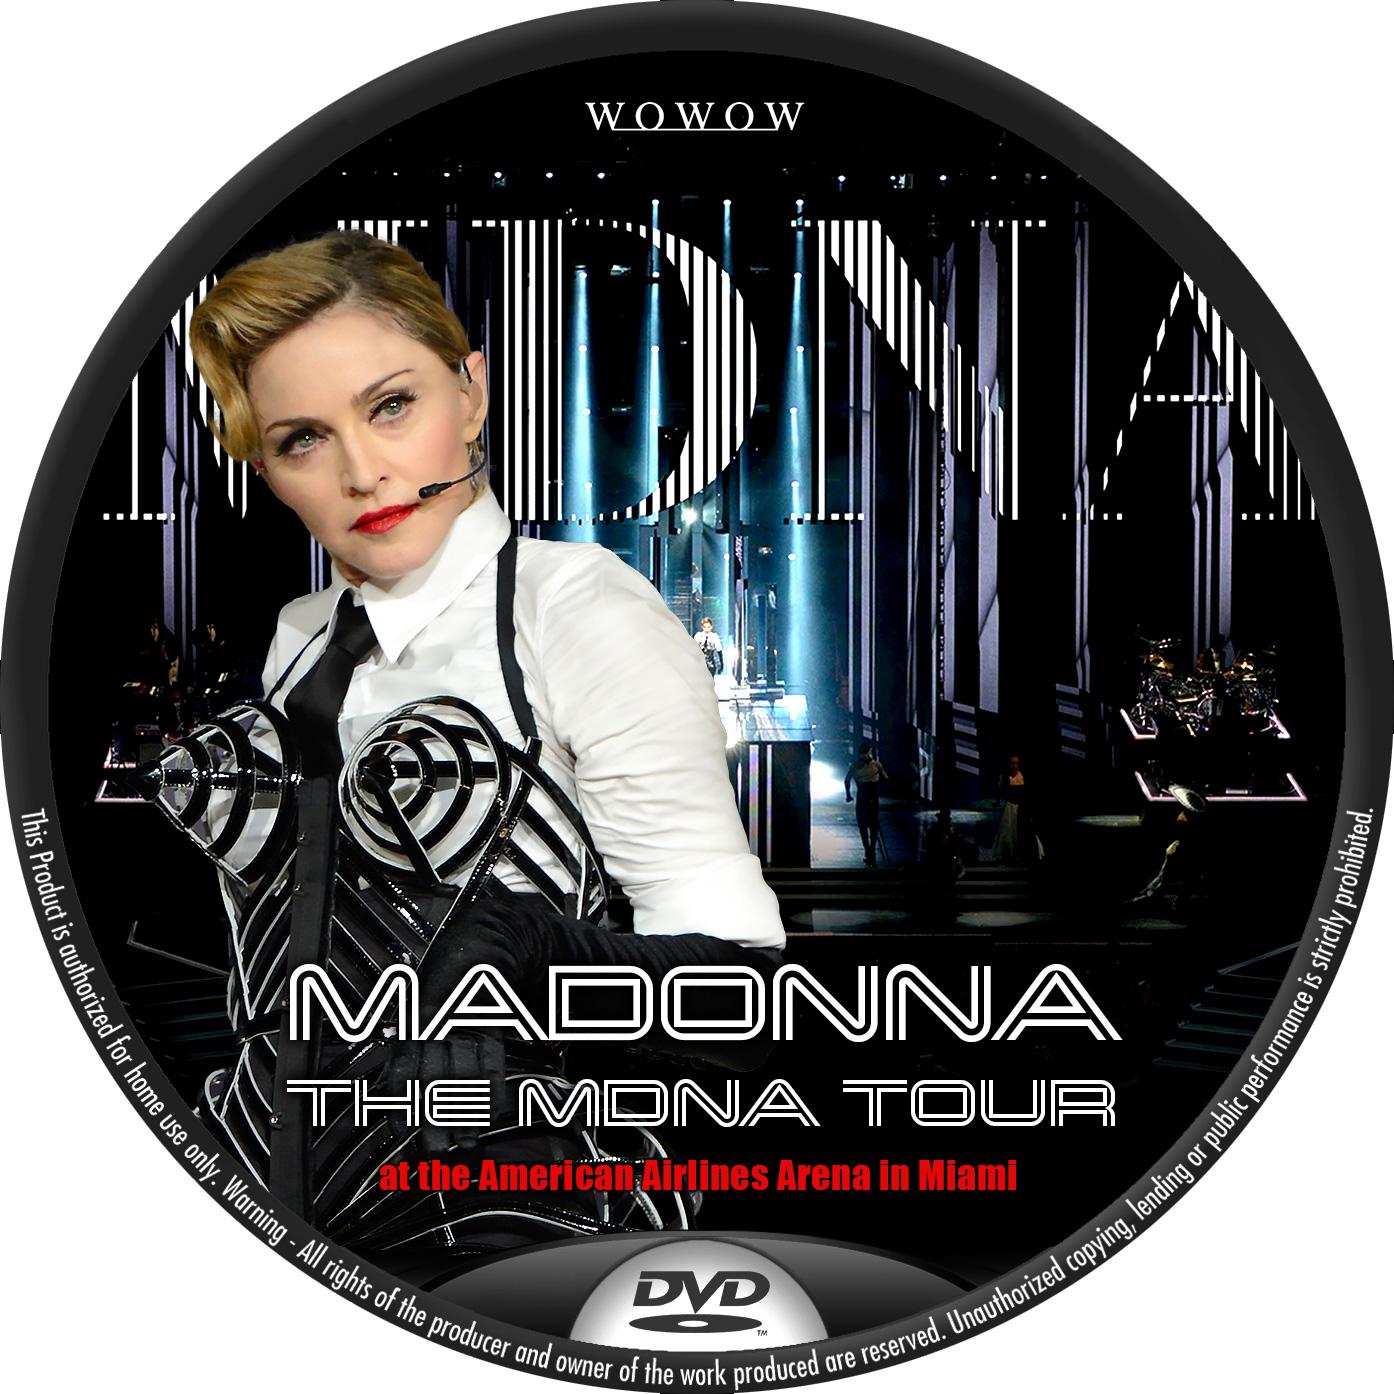 マドンナ WOWOW DVDラベル